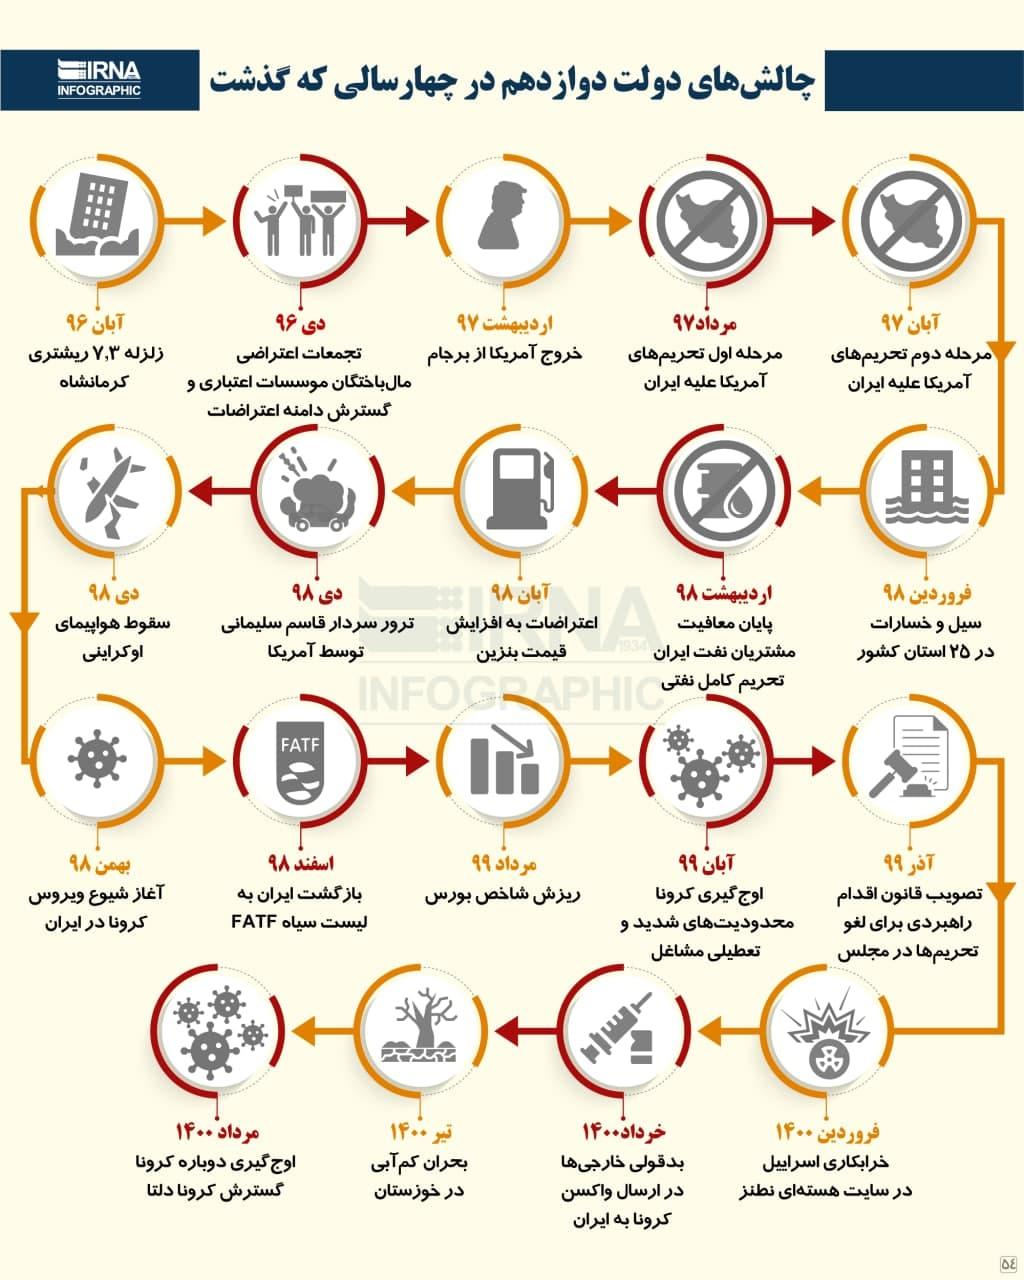 چالشهای دولت دوازدهم در چهار سالی که گذشت /اینفوگرافیک